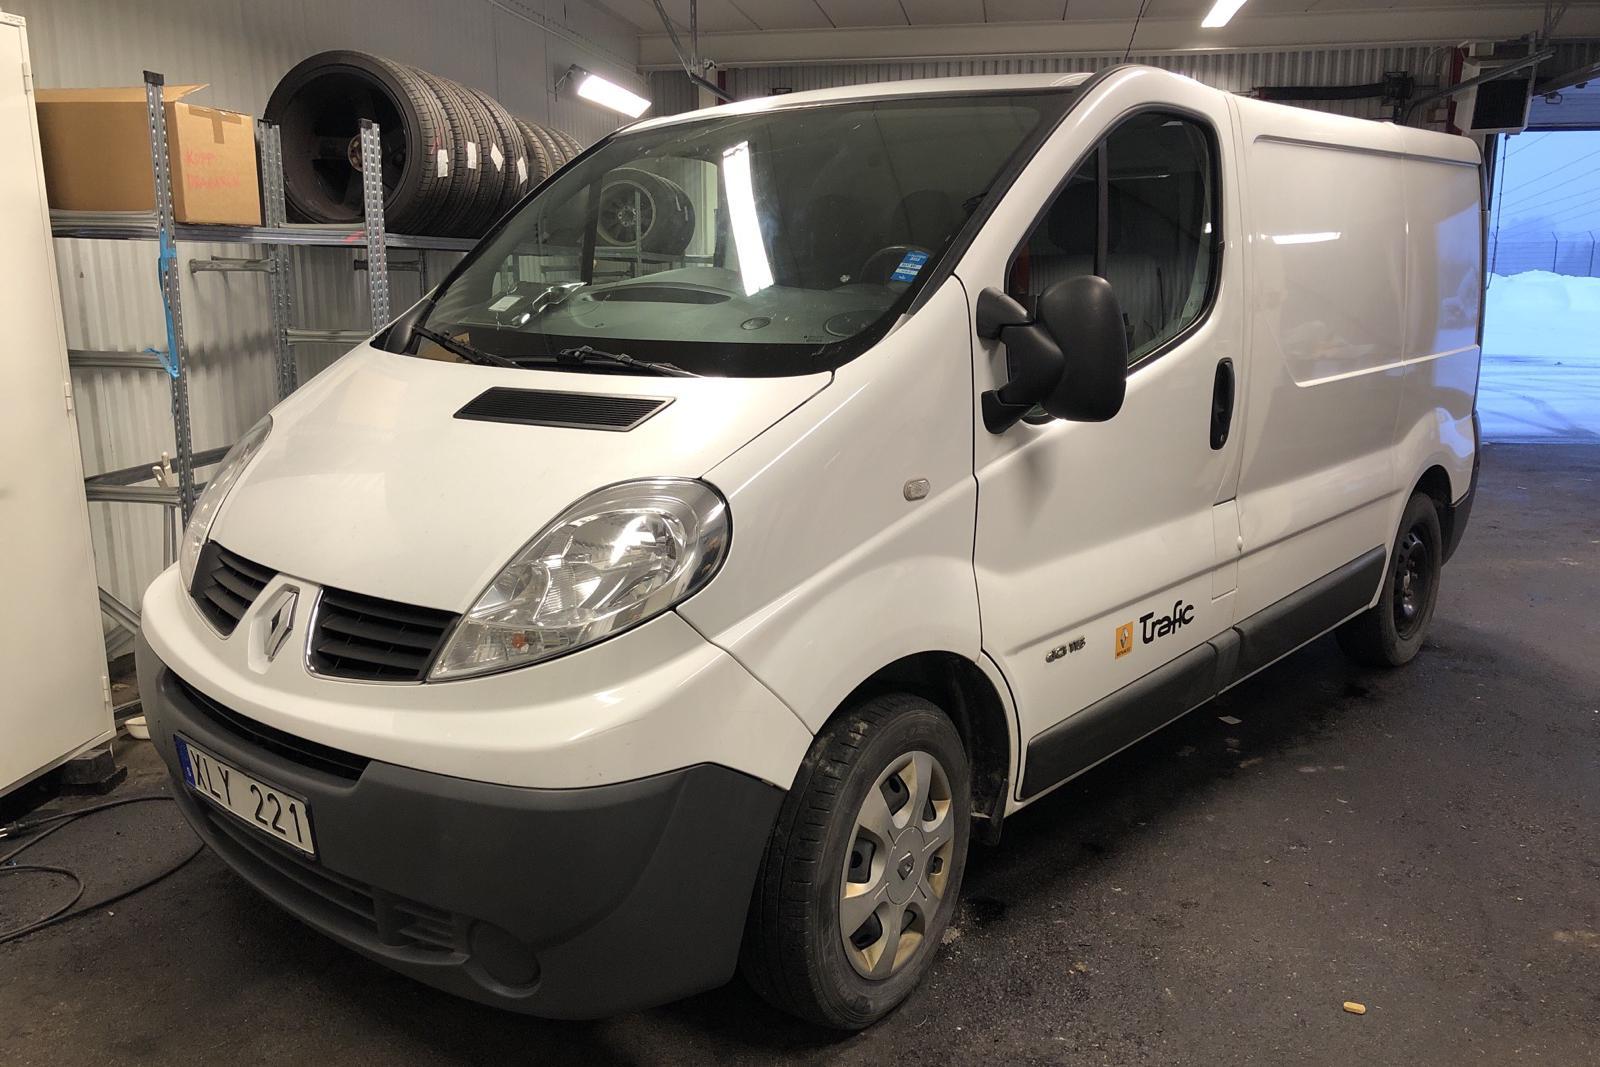 Renault Trafic 2.0 dCi Skåp/Buss (115hk) - 153 620 km - Manual - white - 2014